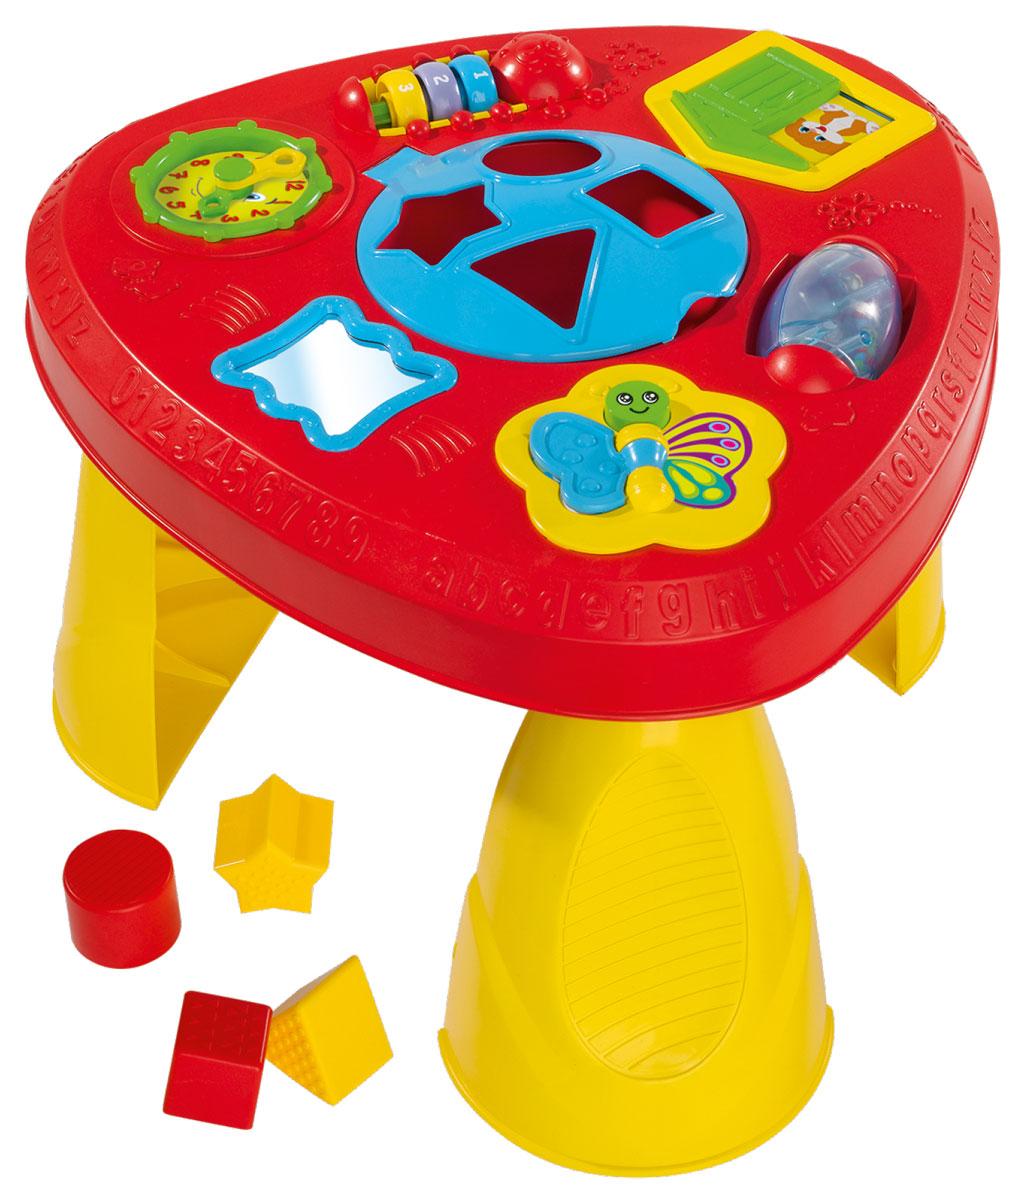 Simba Развивающий столик-сортер4010051Развивающий столик-сортер непременно понравится вашему малышу и надолго займет его внимание. Сортер выполнен в виде маленького пластикового столика, в центре которого имеются отверстия для различных геометрических фигур. Задача малыша состоит в том, чтобы опустить фигурки, входящие в комплект, в соответствующие им отверстия. После того, как все фигурки окажутся внутри игрушки, их можно достать через дверцу. По краям столика расположены яркие развивающие элементы. Один из элементов - счеты с разноцветными бусинками, ребенок сможет их просто передвигать или с их помощью осваивать счет до трех. С другой стороны расположена полупрозрачная крутящаяся погремушка с цветными шариками внутри. Ещё на столике имеются часы с подвижными стрелками, которые крутятся с легким треском, а также бабочка с двигающимся крылышком и безопасное зеркало. А за зеленой скрипучей дверкой спрятался милый щенок. Ножки у столика складываются, благодаря чему при хранении он не занимает много места. ...